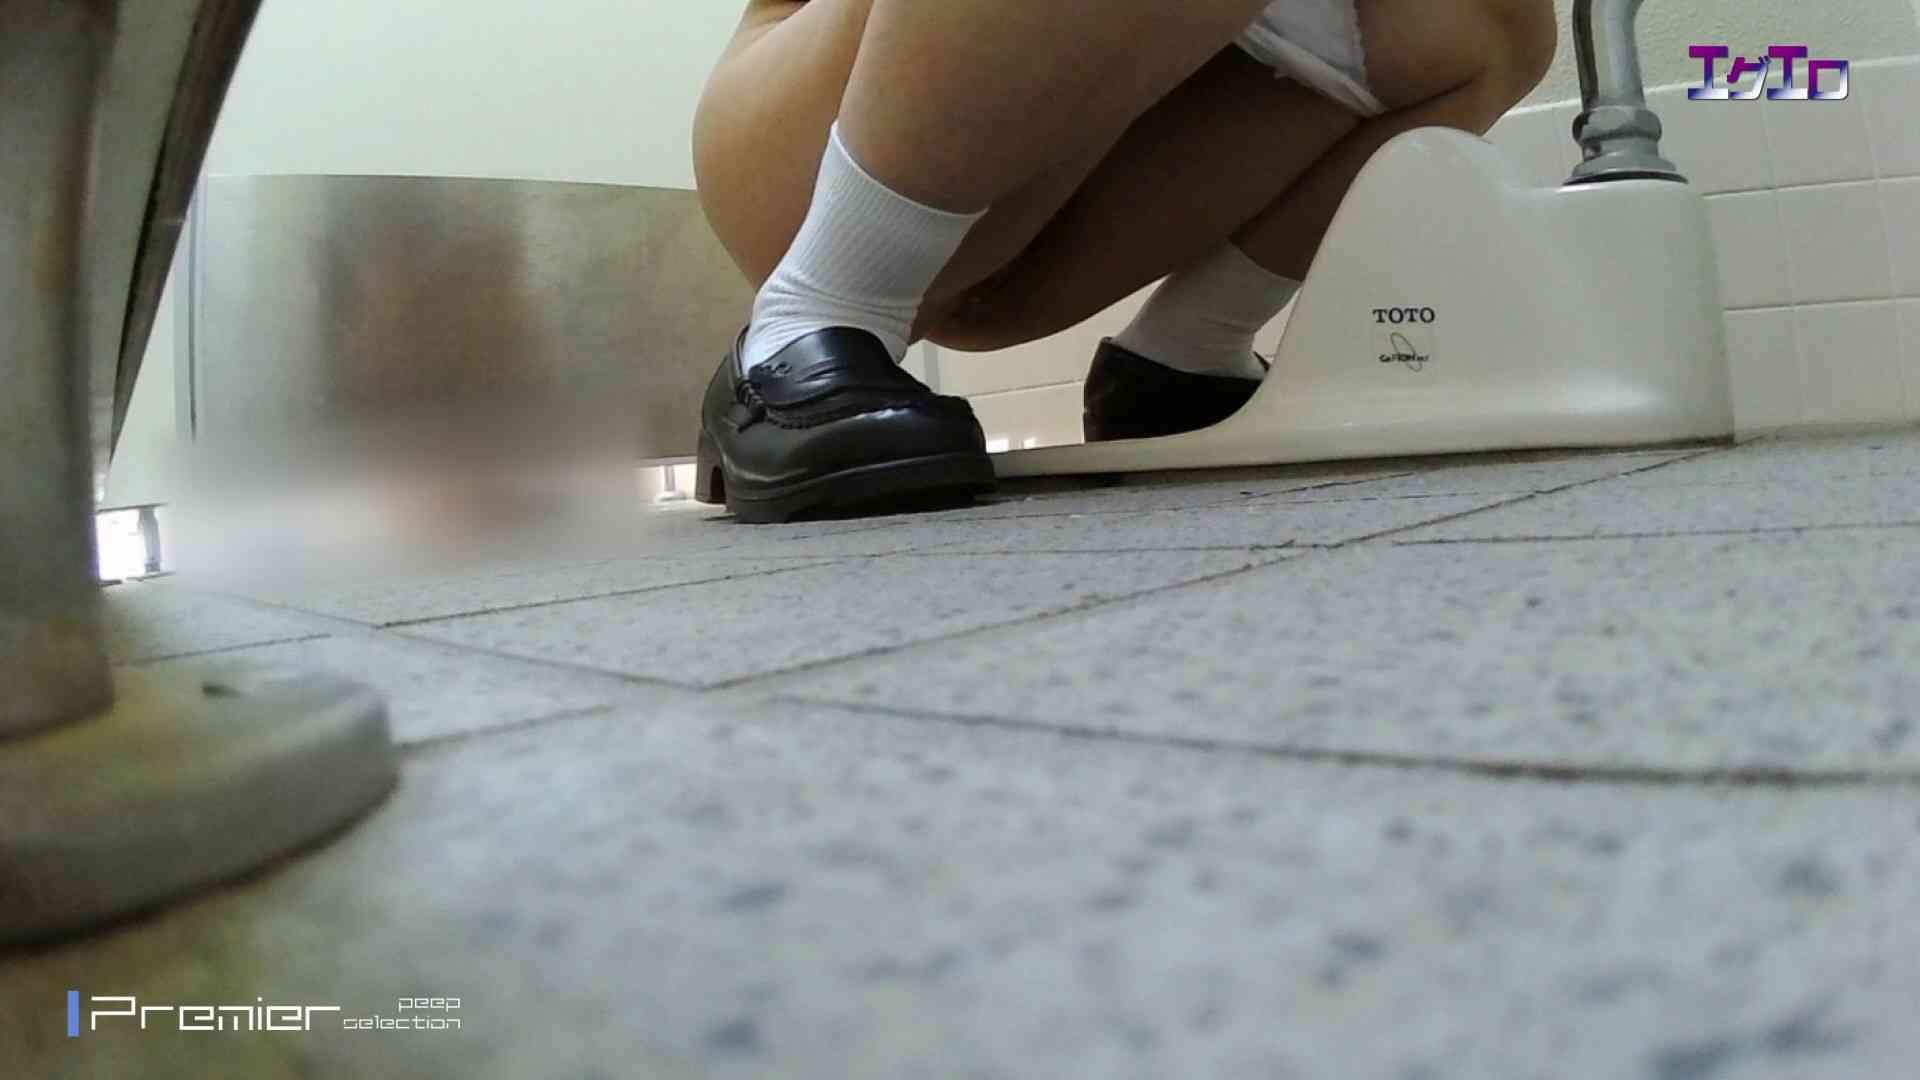 執念の撮影&追撮!!某女子校の通学路にあるトイレ 至近距離洗面所 Vol.16 エッチすぎるOL達   トイレ中の女子達  107連発 19